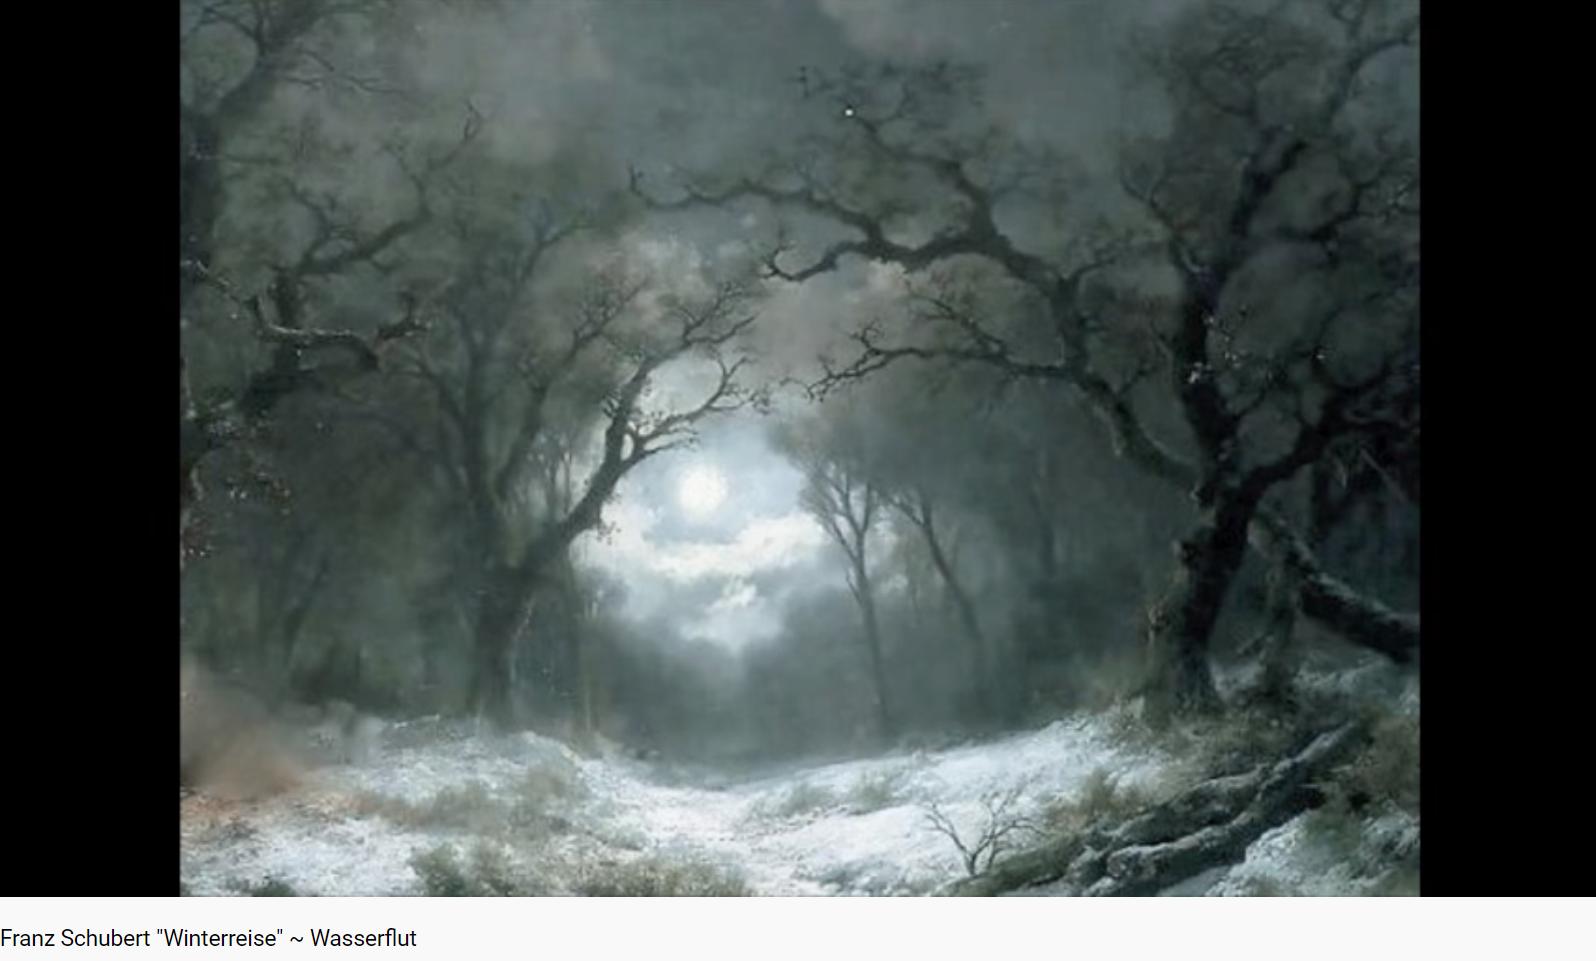 Schubert Winterreise Wasserflut